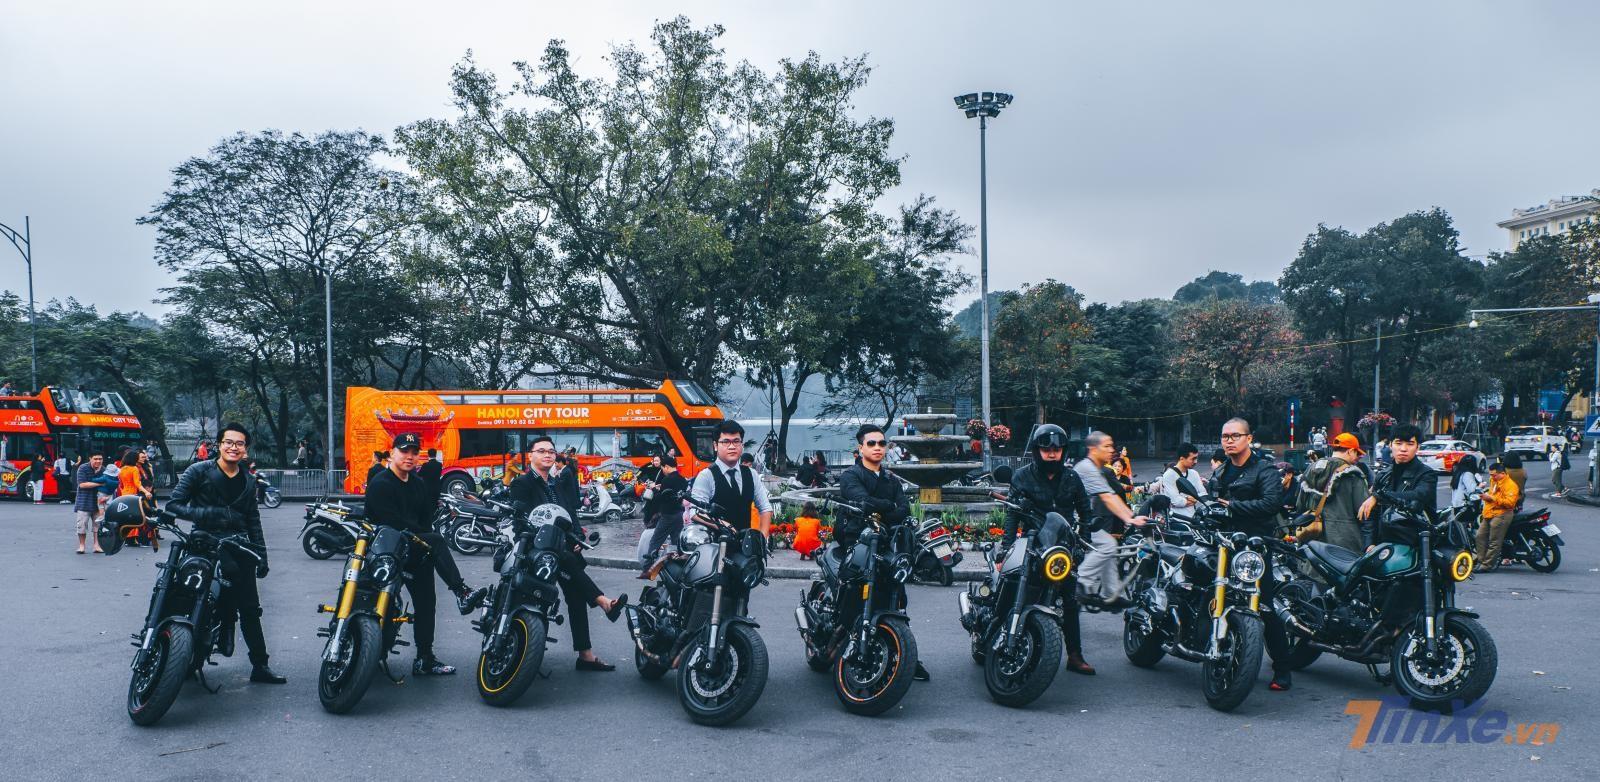 Sớm mồng 1 Tết Kỷ Hợi cùng team Leoncino và các biker Hà Nội - 5